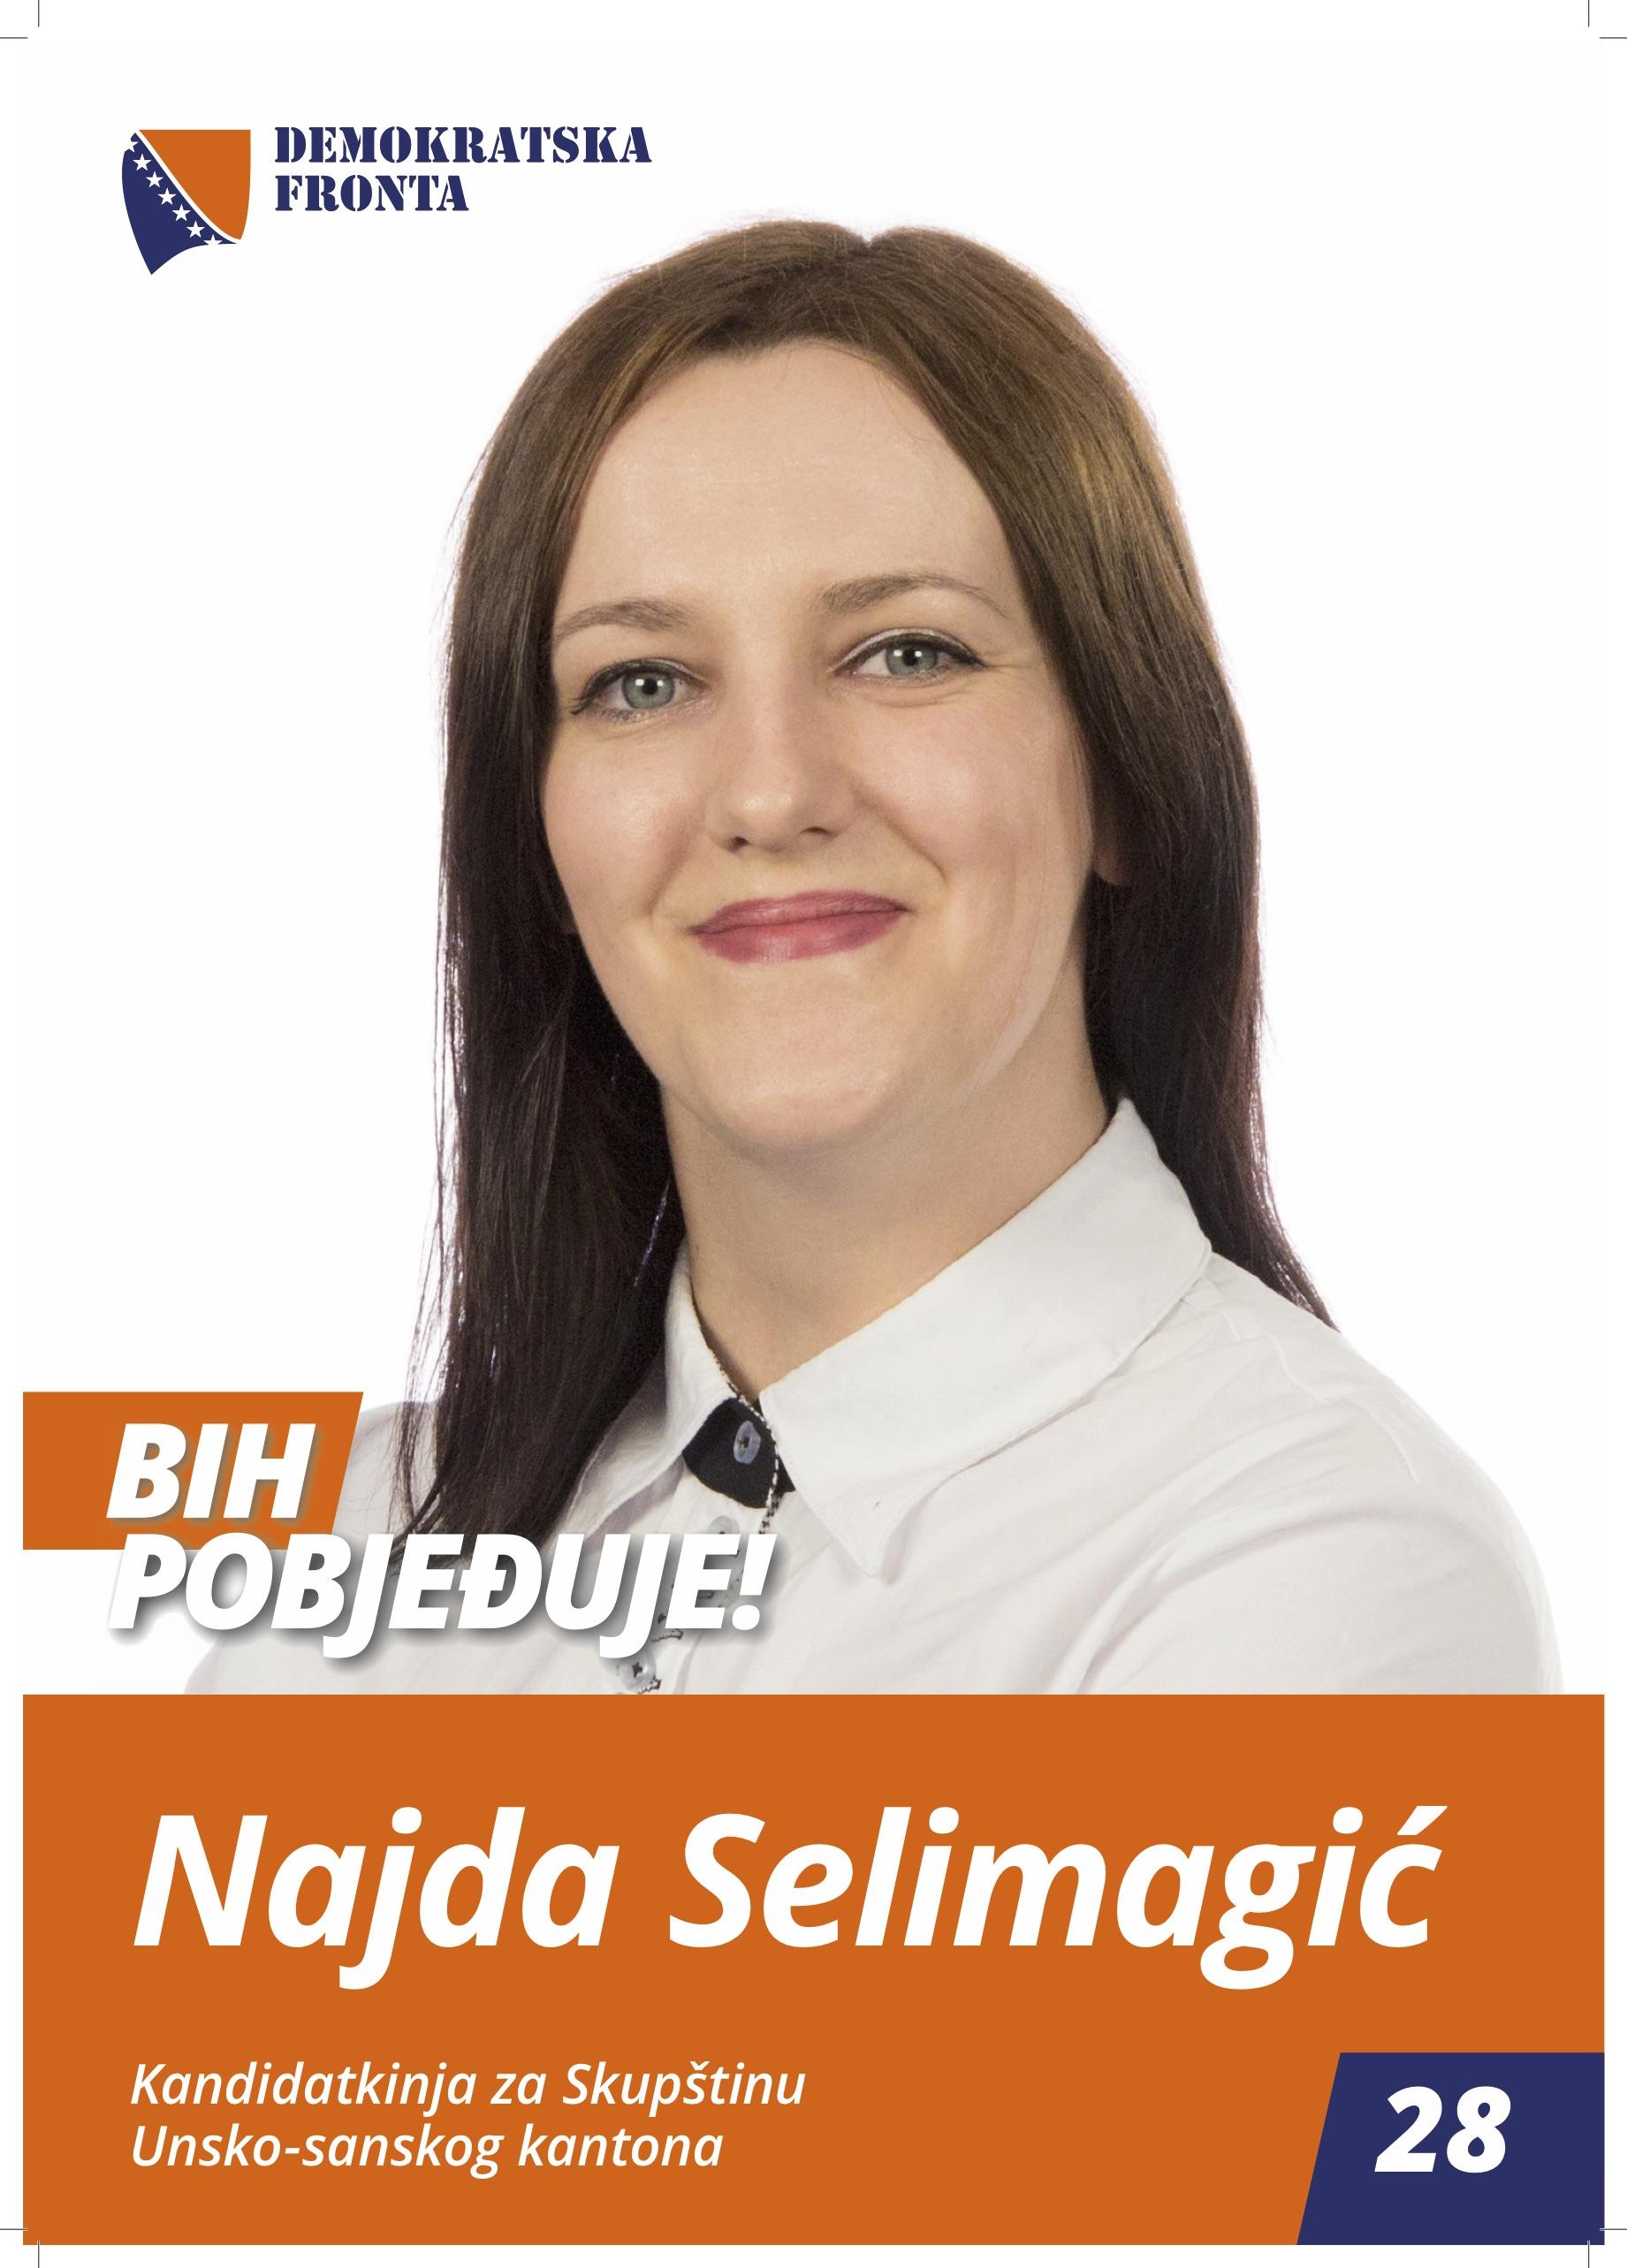 Najda Selimagić, sanitarni inžinjer